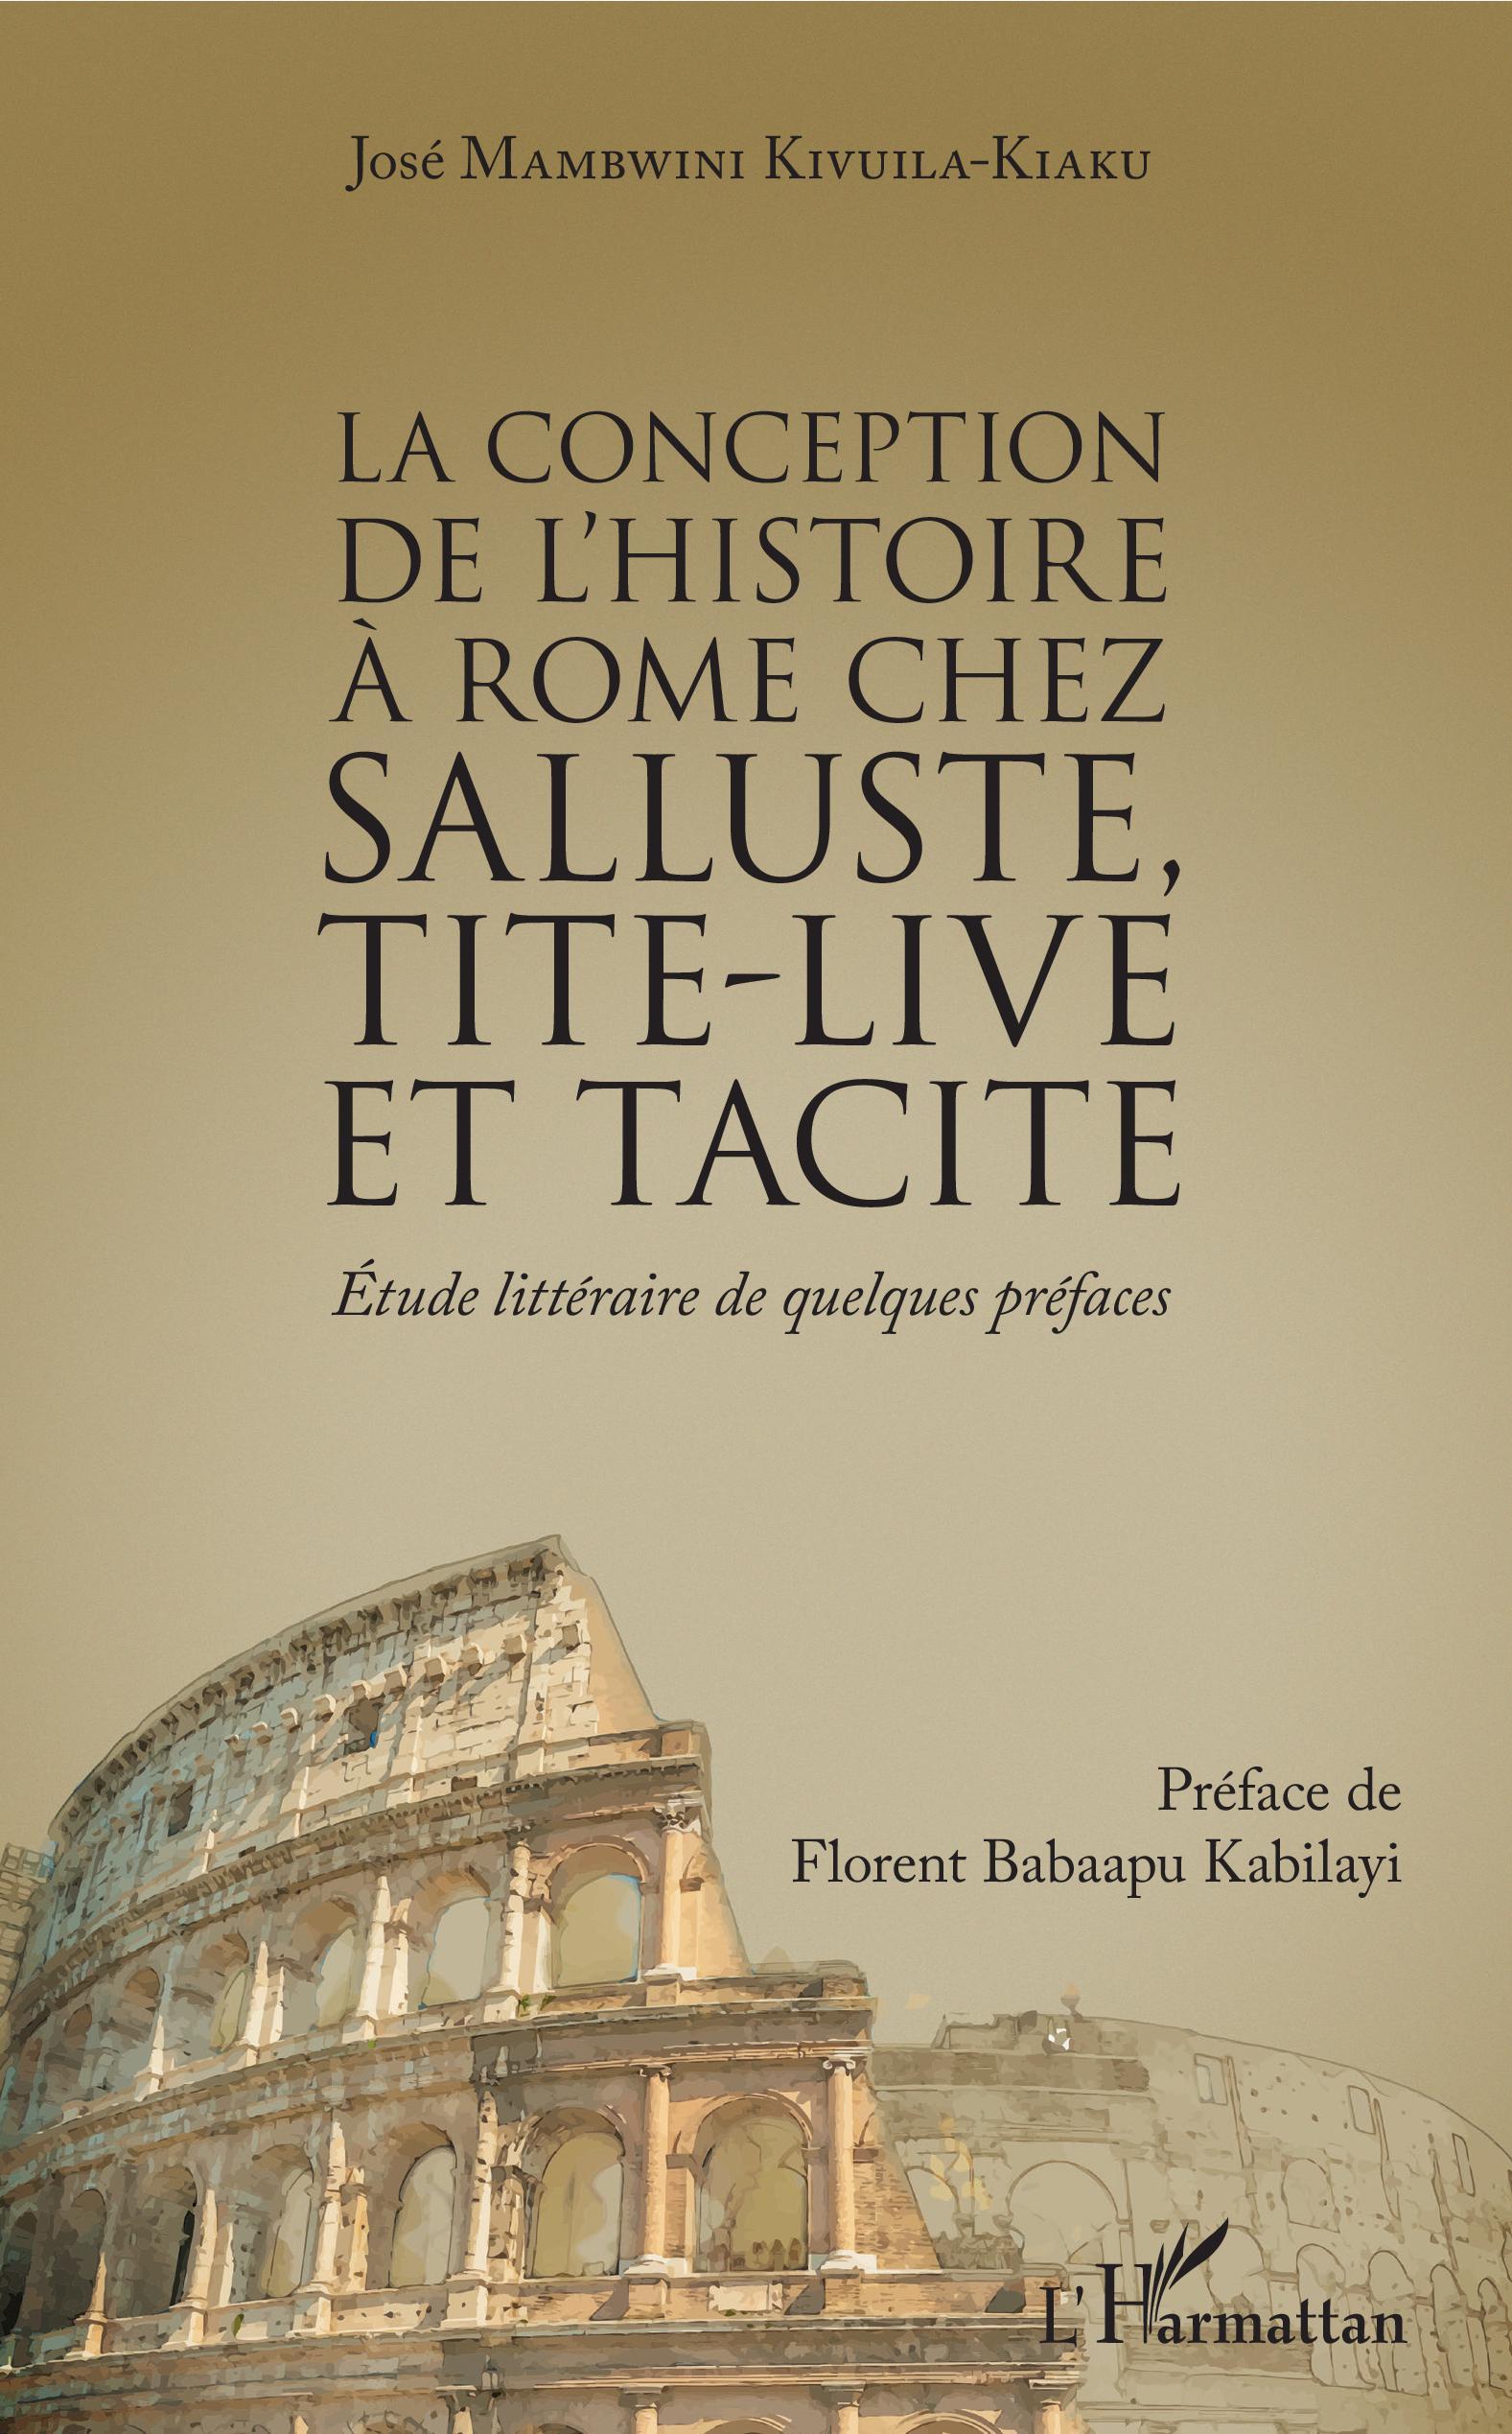 J. Mambwini Kivuila-Kiaku, La Conception de l'histoire à Rome chez Salluste, Tite-Live et Tacite - Etude littéraire de quelques préfaces